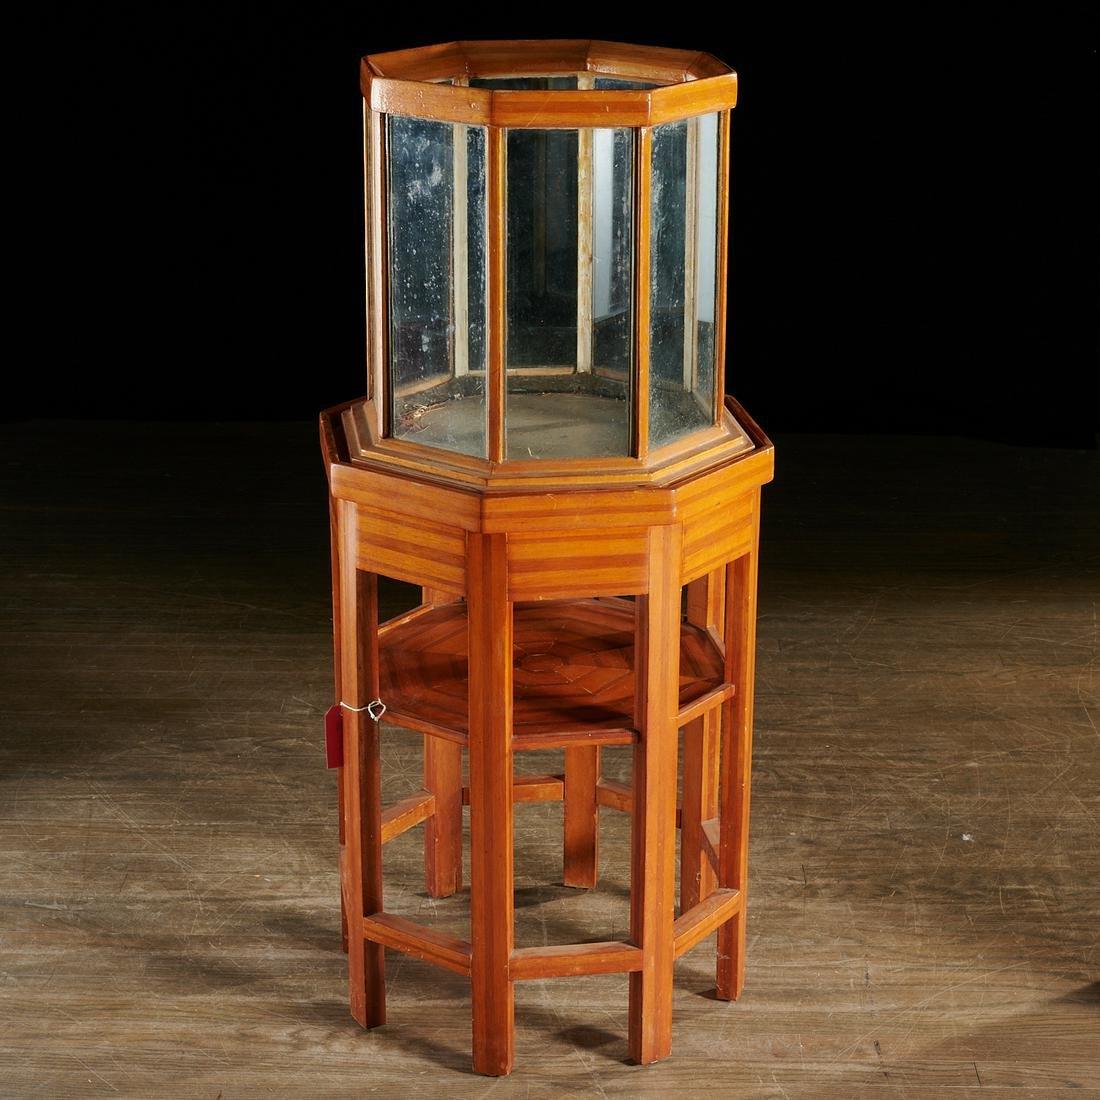 Antique inlaid wood terrarium or aquarium